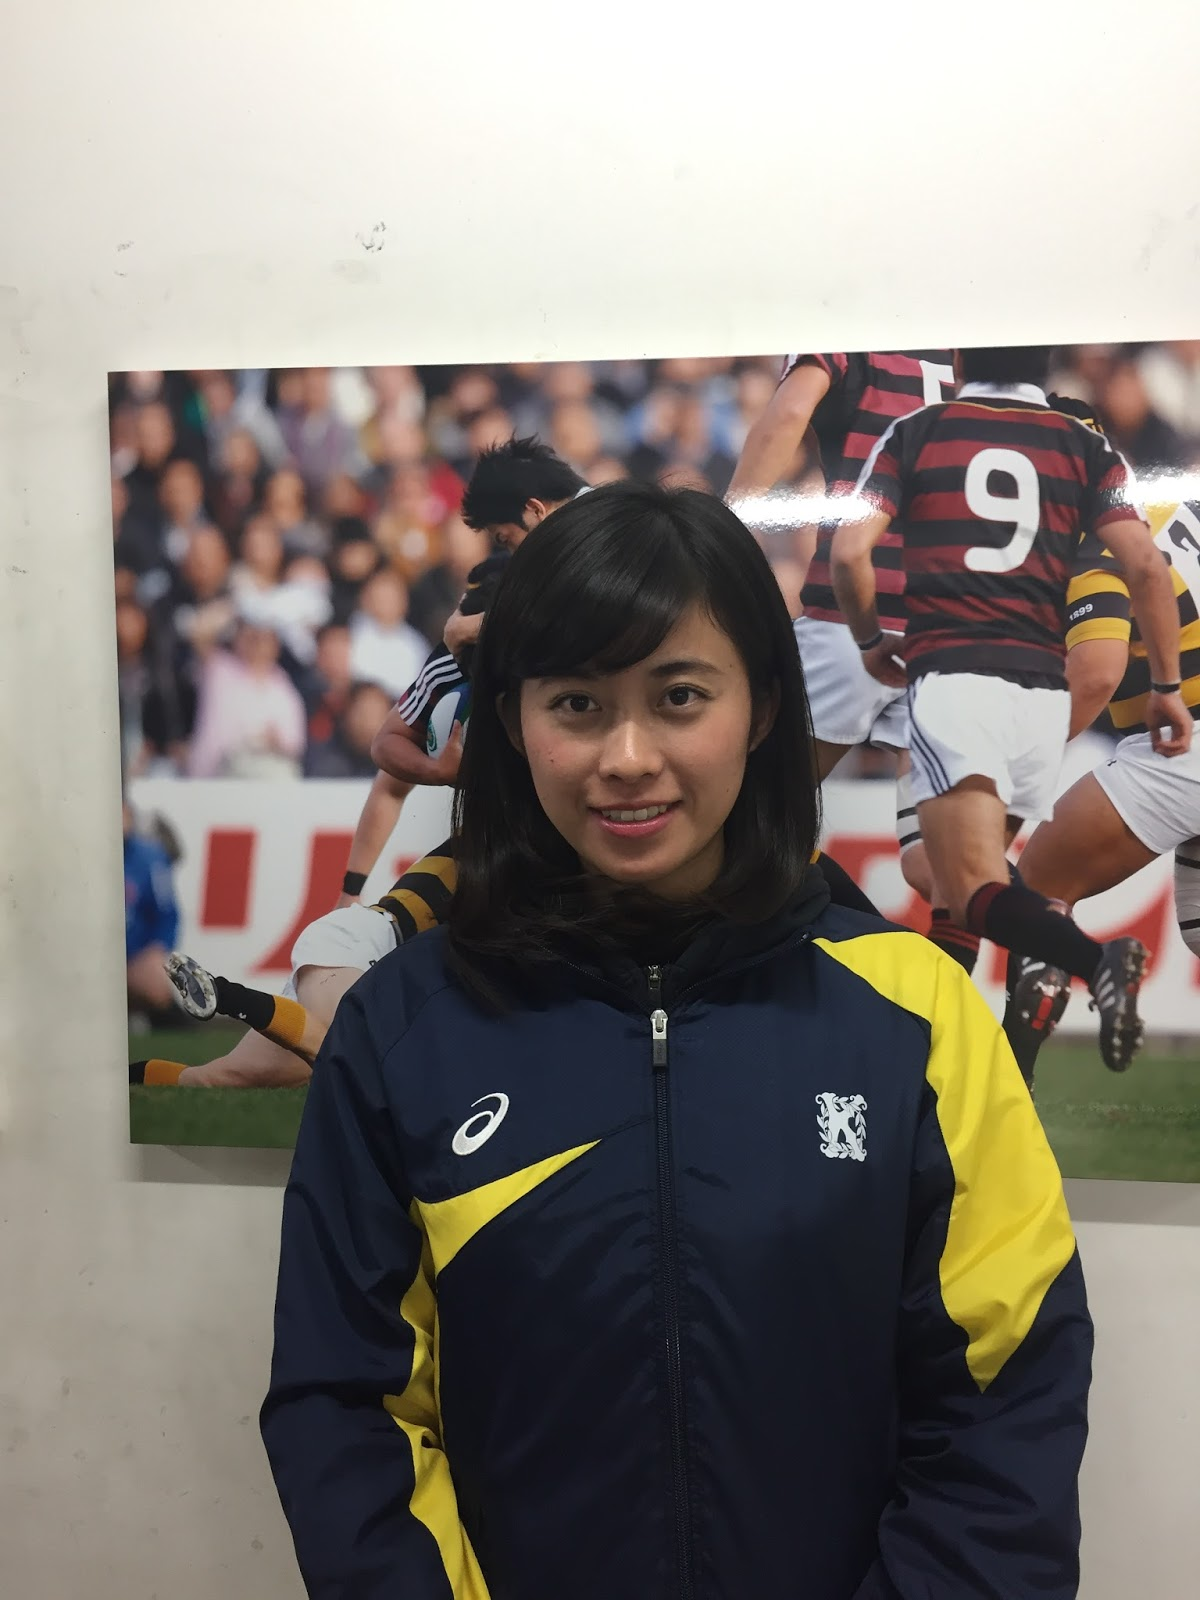 ラグビー 慶応 部 大学